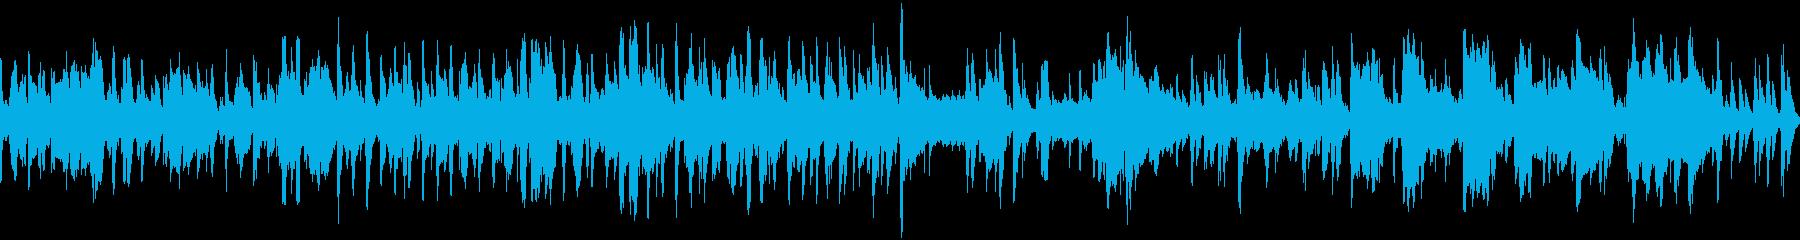 イージーリスニング エレキギター ...の再生済みの波形